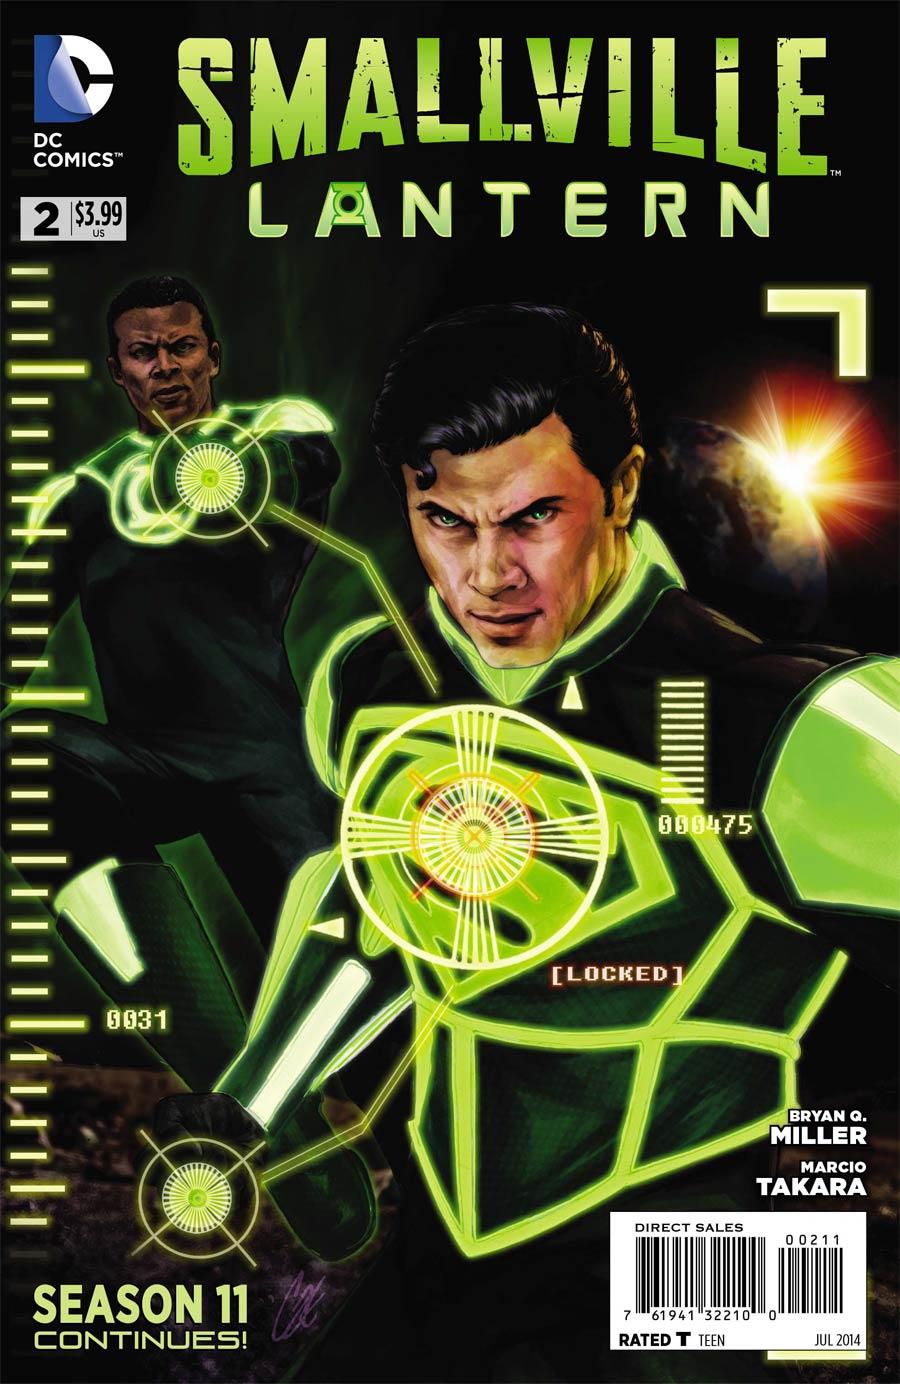 Smallville Season 11 Lantern #2